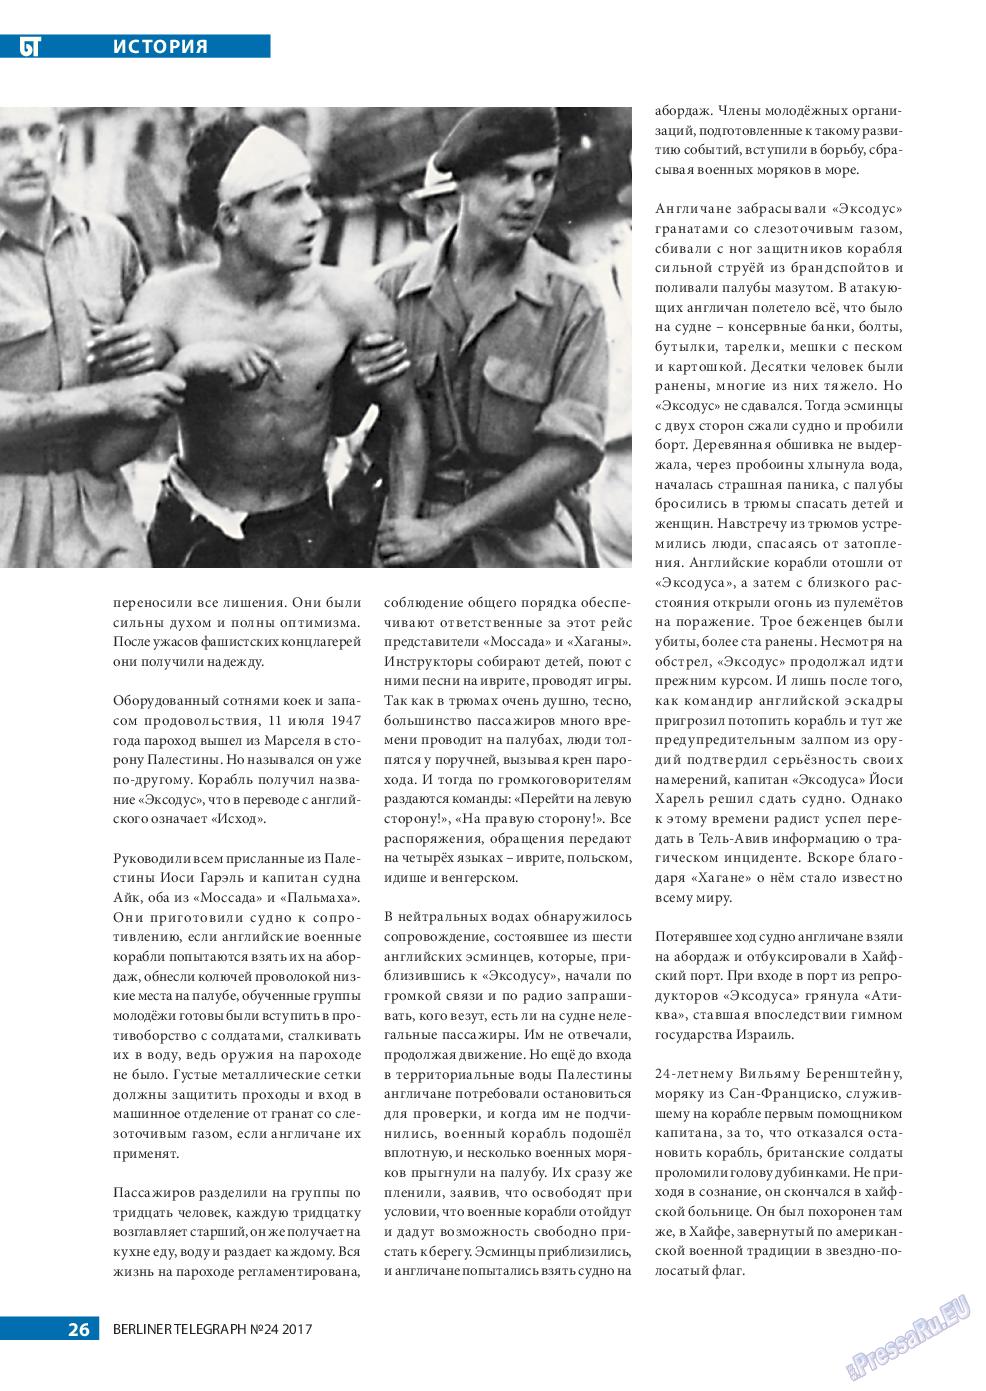 Берлинский телеграф (журнал). 2017 год, номер 24, стр. 26